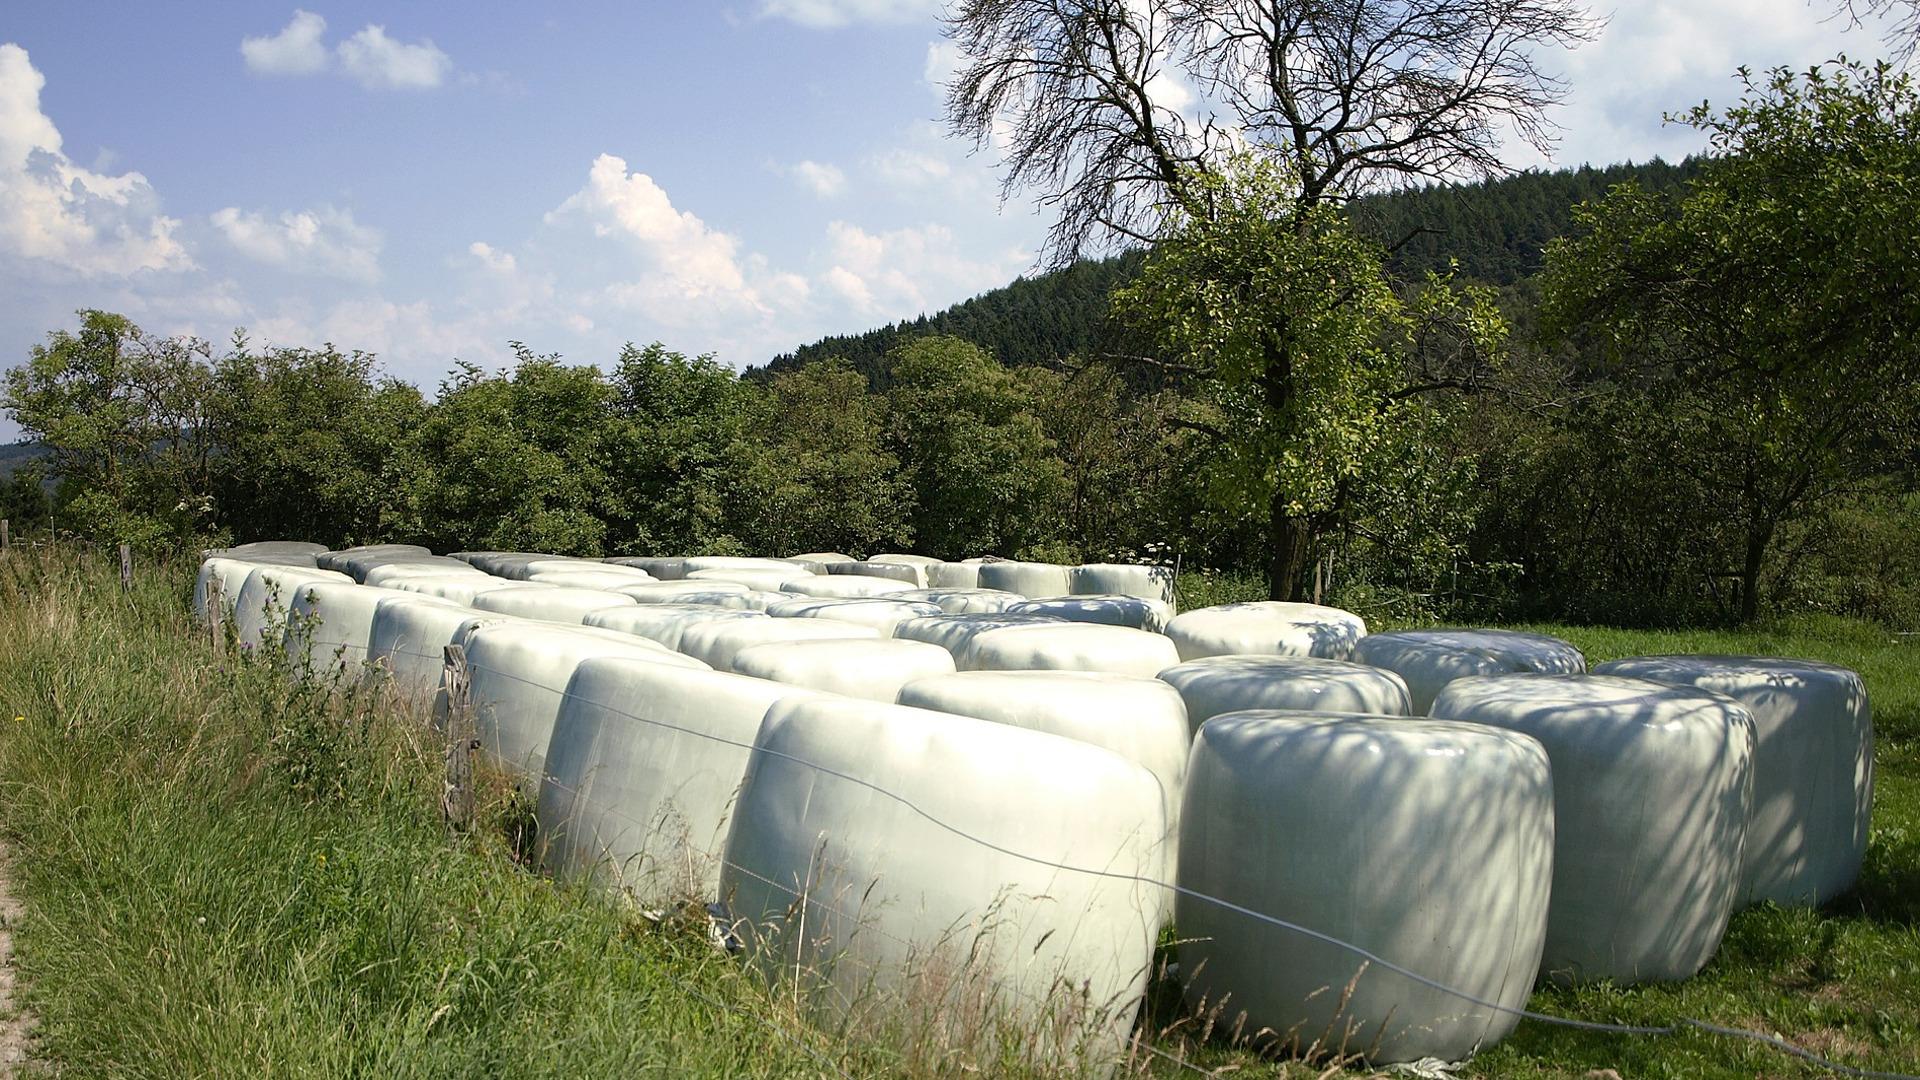 Buenas practicas en el cultivo el ensilado y en el manejo de los silos para reducir la presencia de micotoxinas.1920